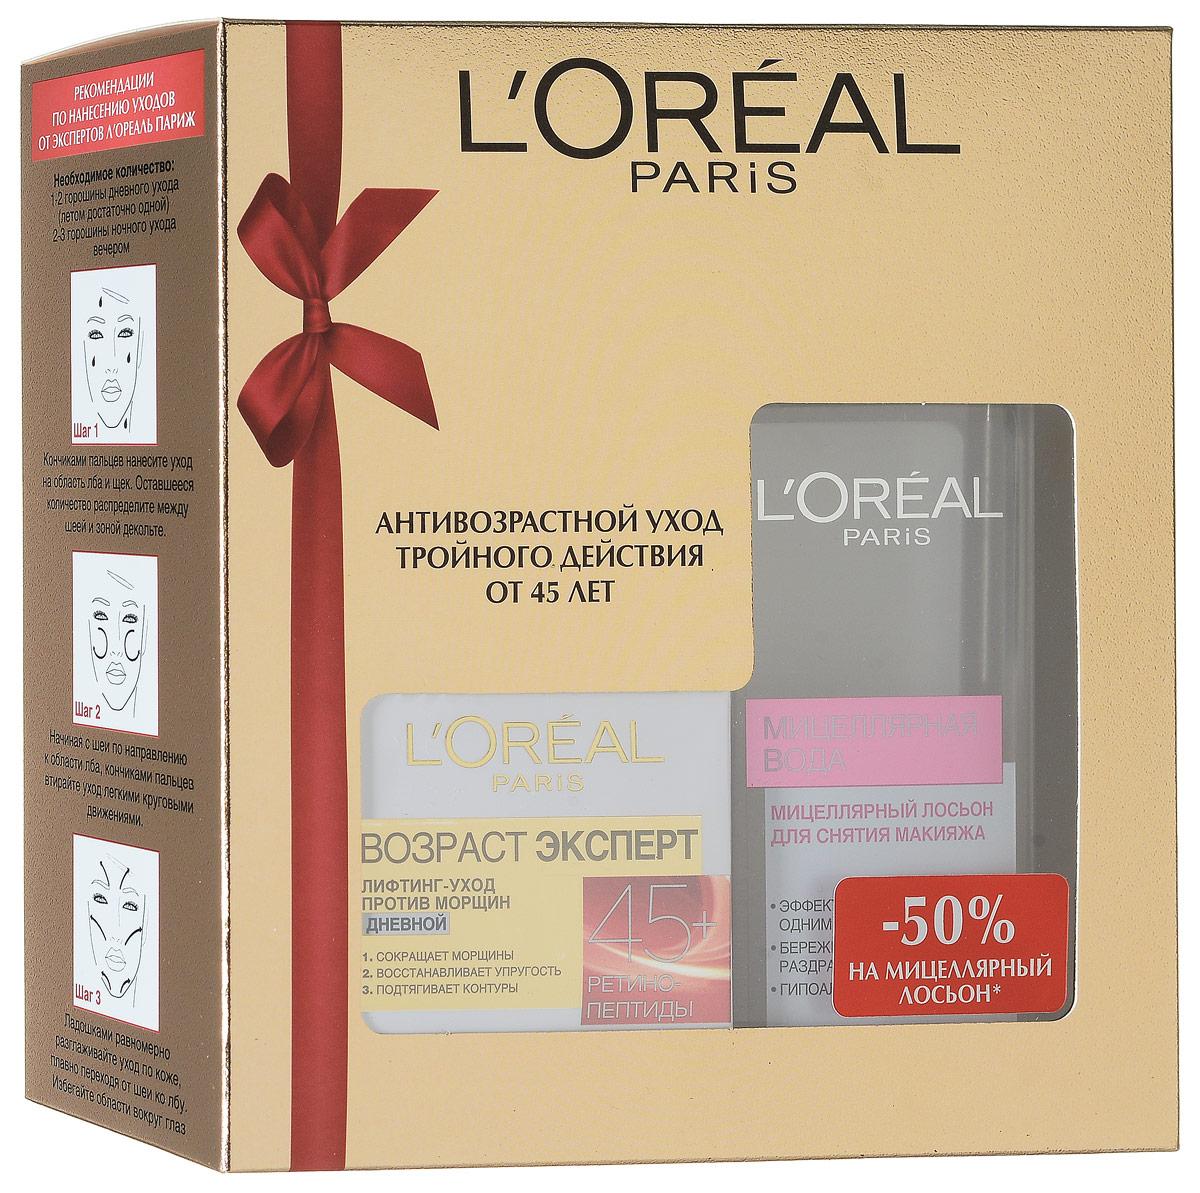 L'Oreal Paris Набор: Дневной крем